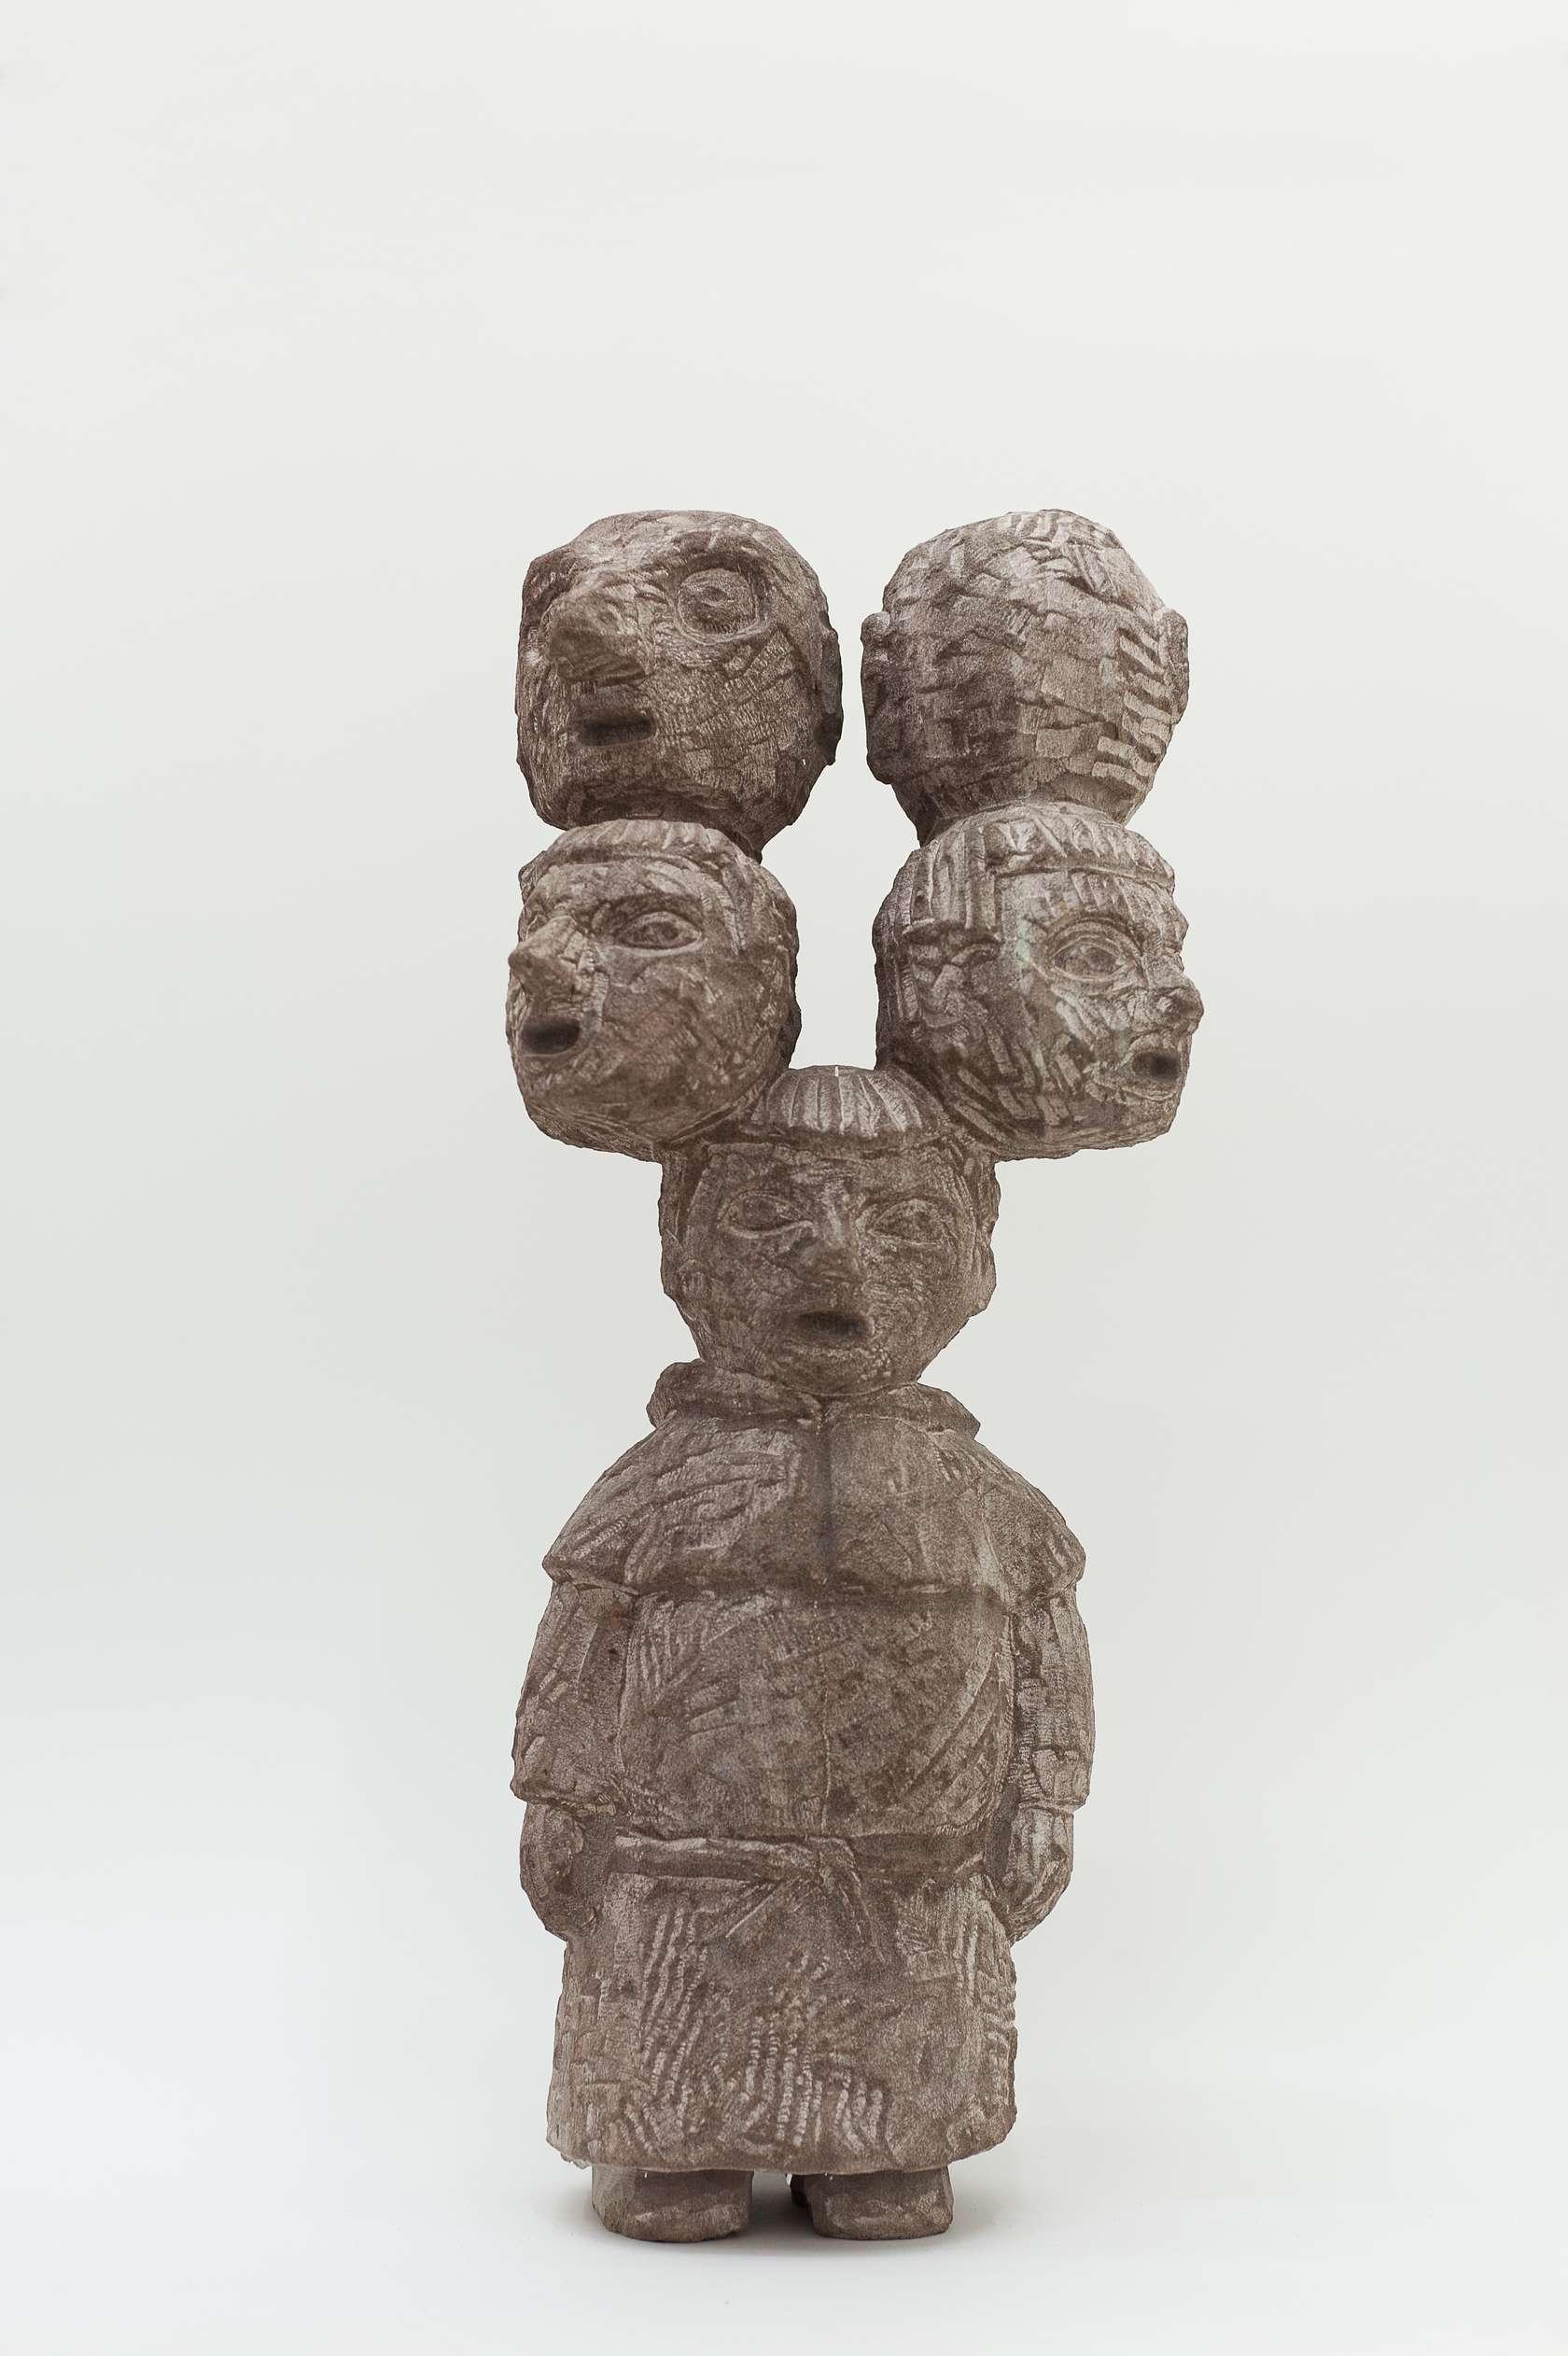 Stefan Rinck, Hydramonk, 2014 Grès50 × 20 × 15 cm / 19 5/8 × 7 7/8 × 5 7/8 in.